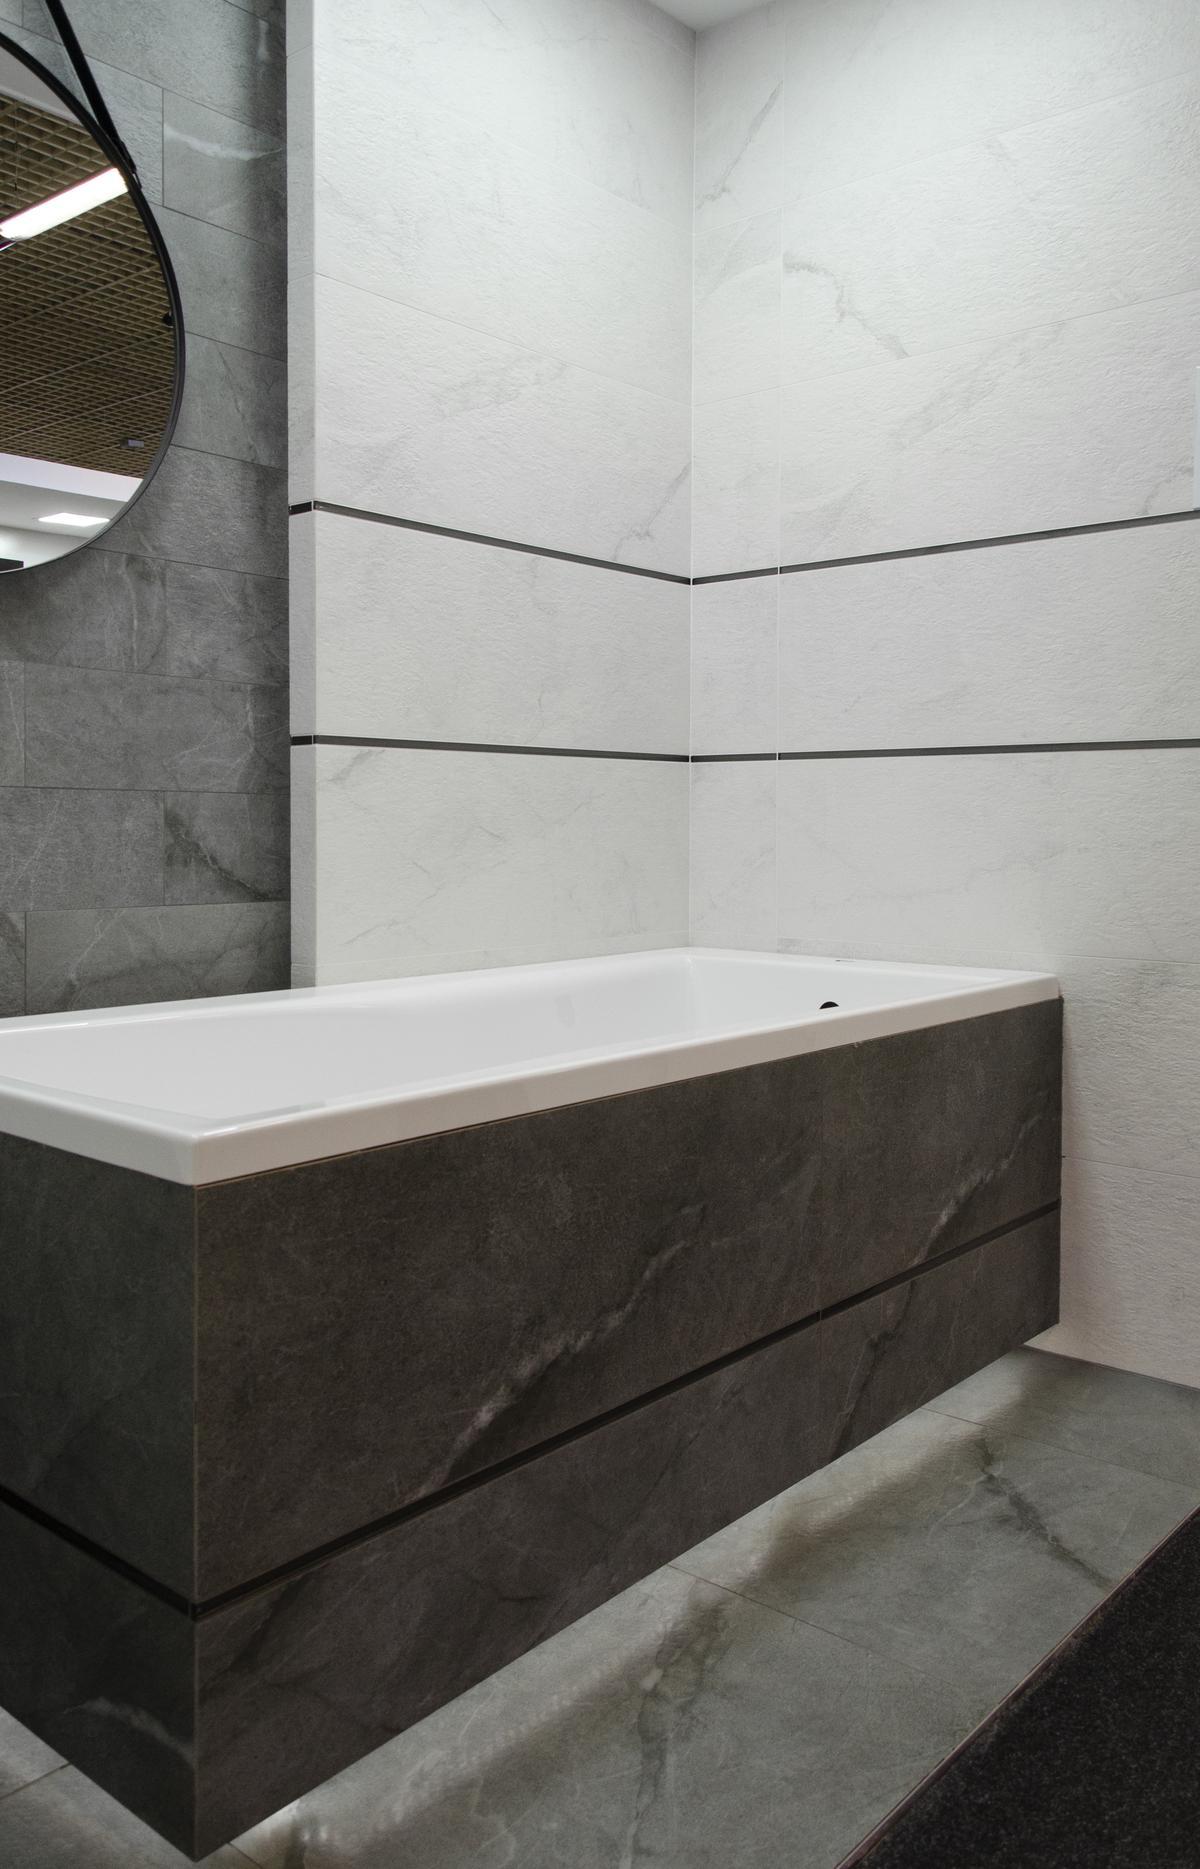 Aranżacja szarej strefy kąpielowej z płytką imitującą kamień  - zdjęcie od BLU salon łazienek Łowicz